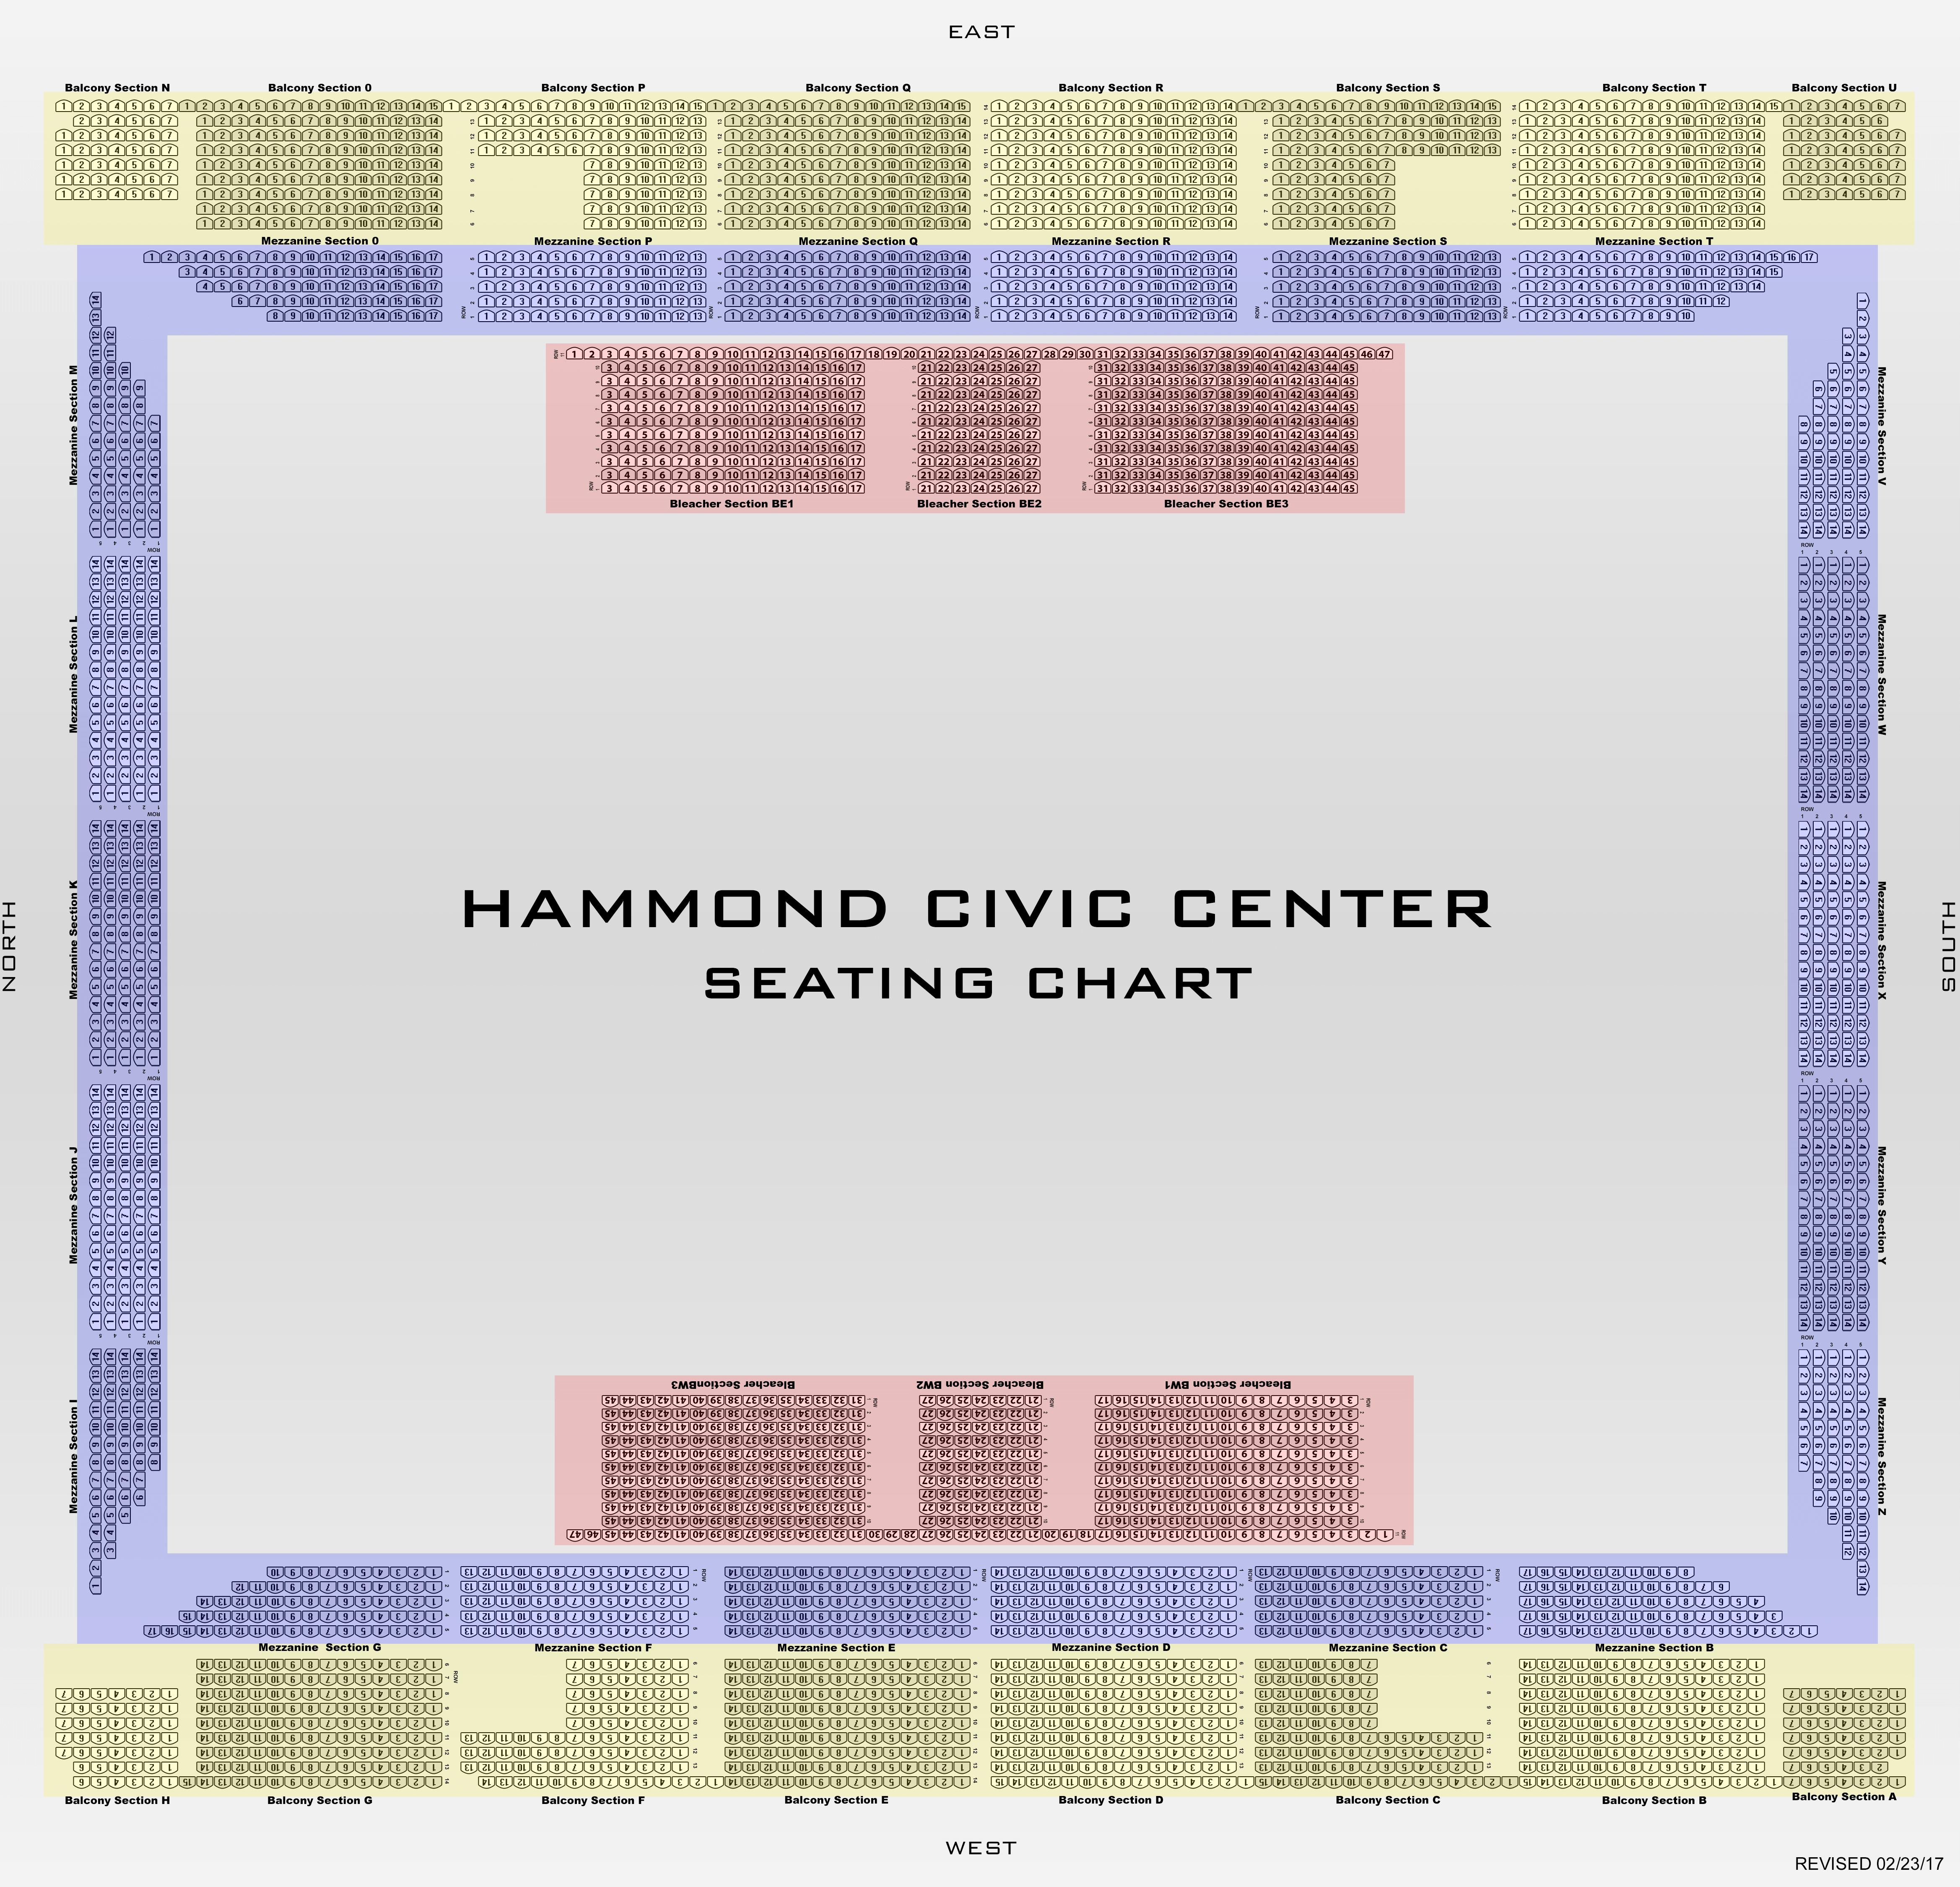 Hammond Civic Center Seating Chart